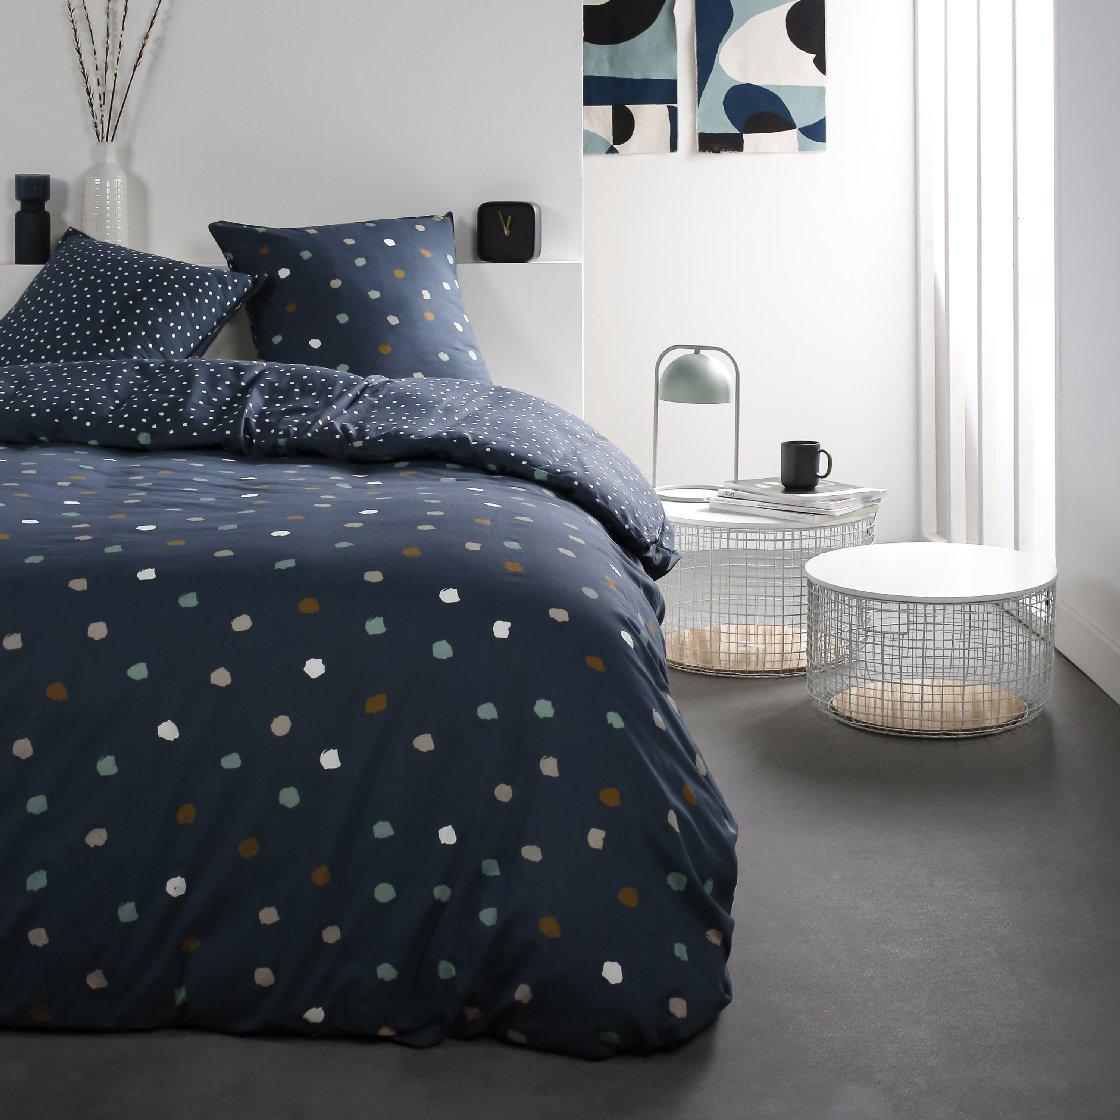 Parure de lit 2 personnes imprimé a pois en Coton Bleu 220x240 cm